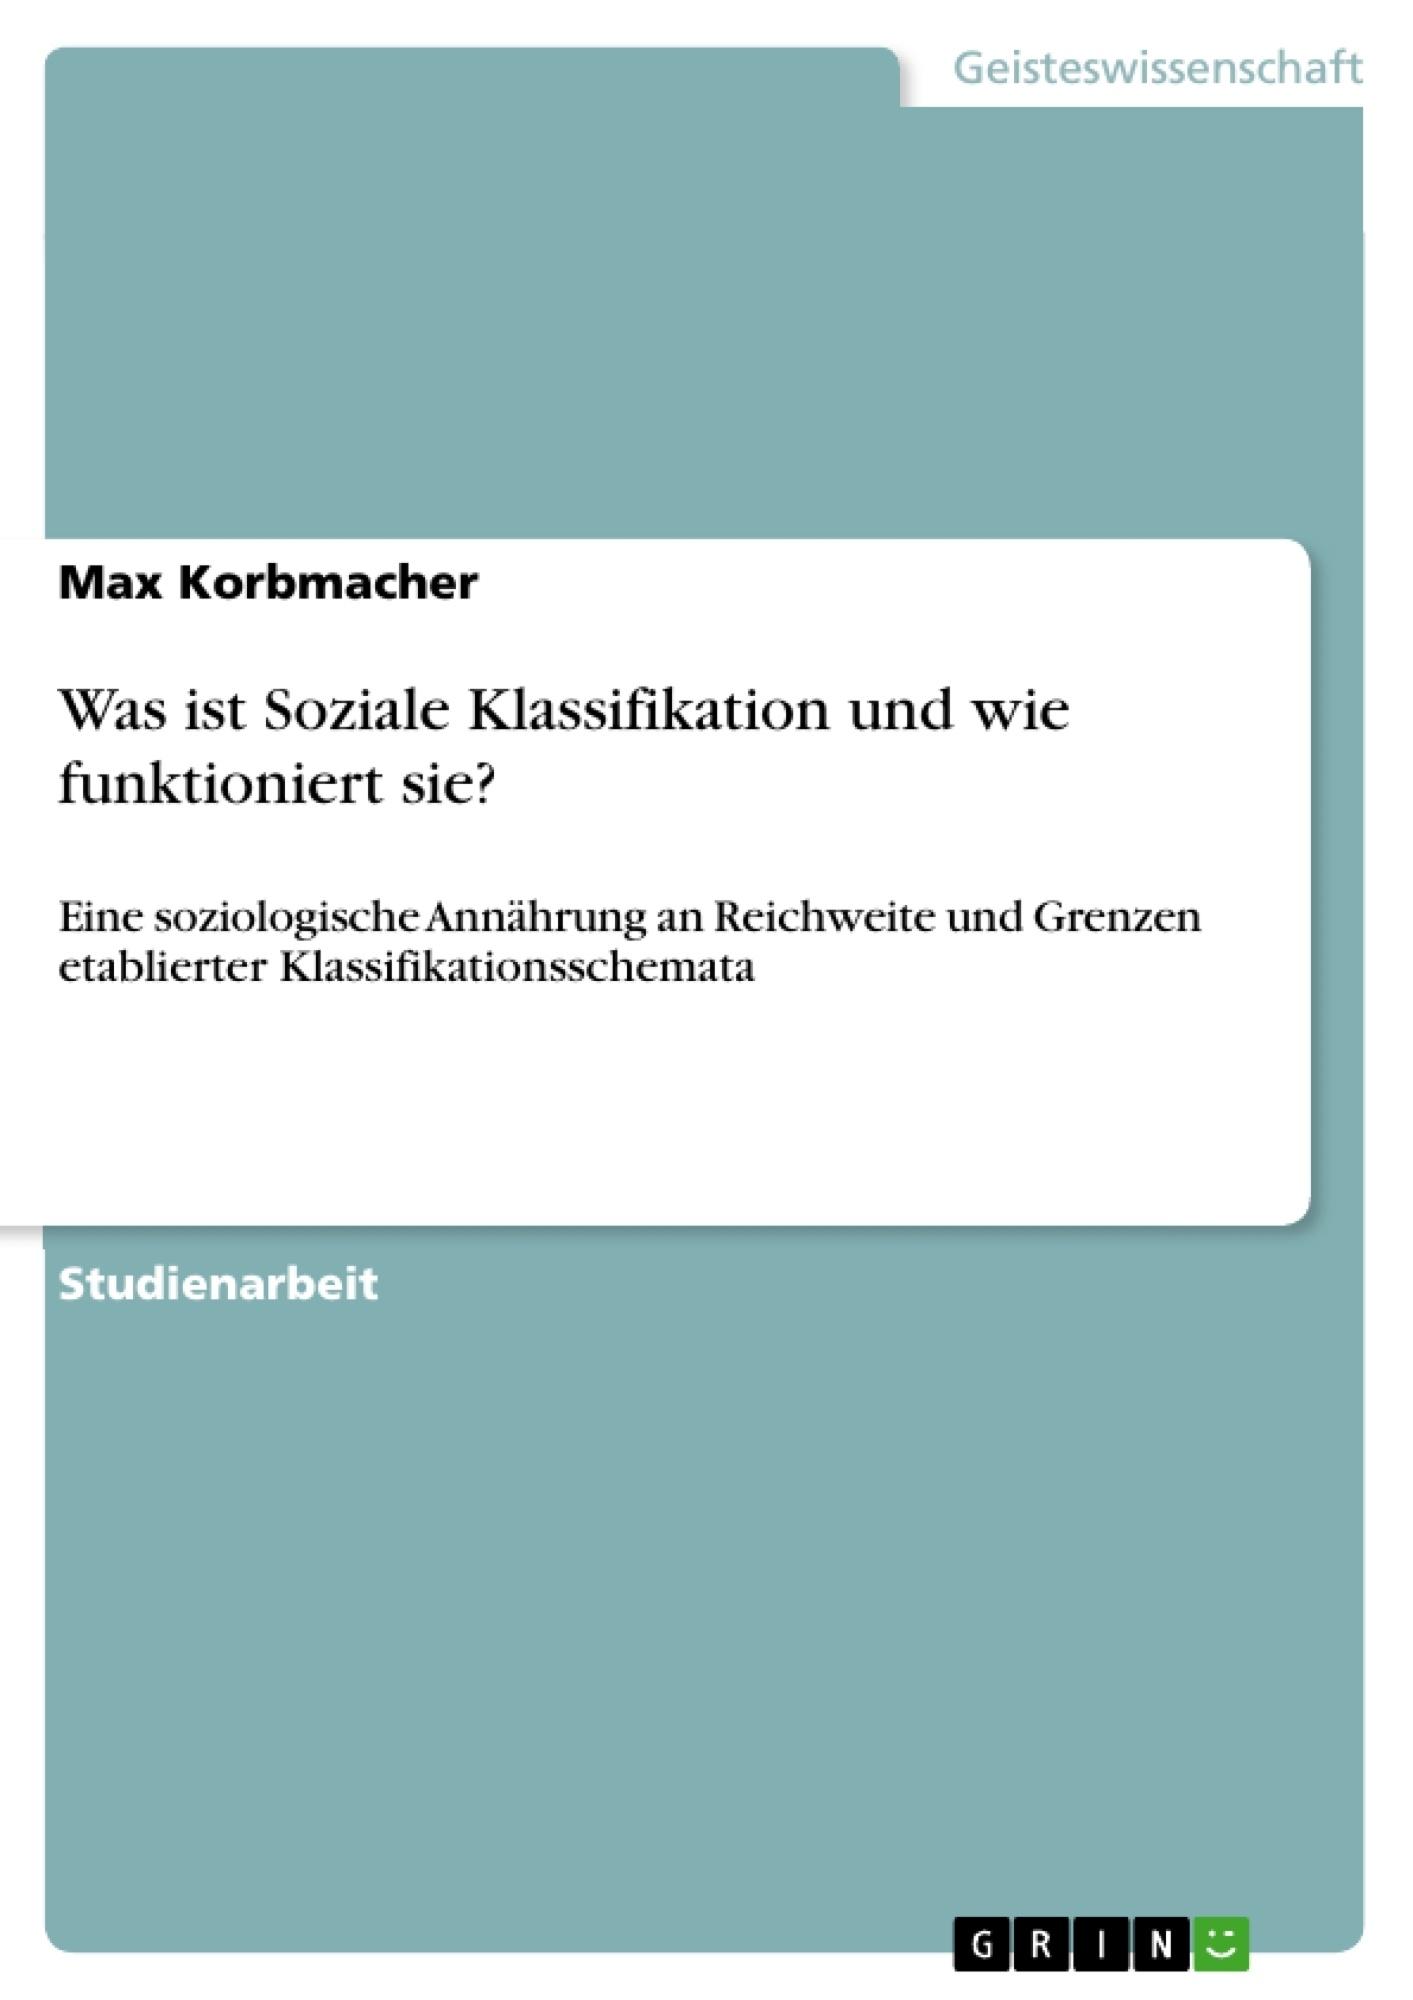 Titel: Was ist Soziale Klassifikation und wie funktioniert sie?